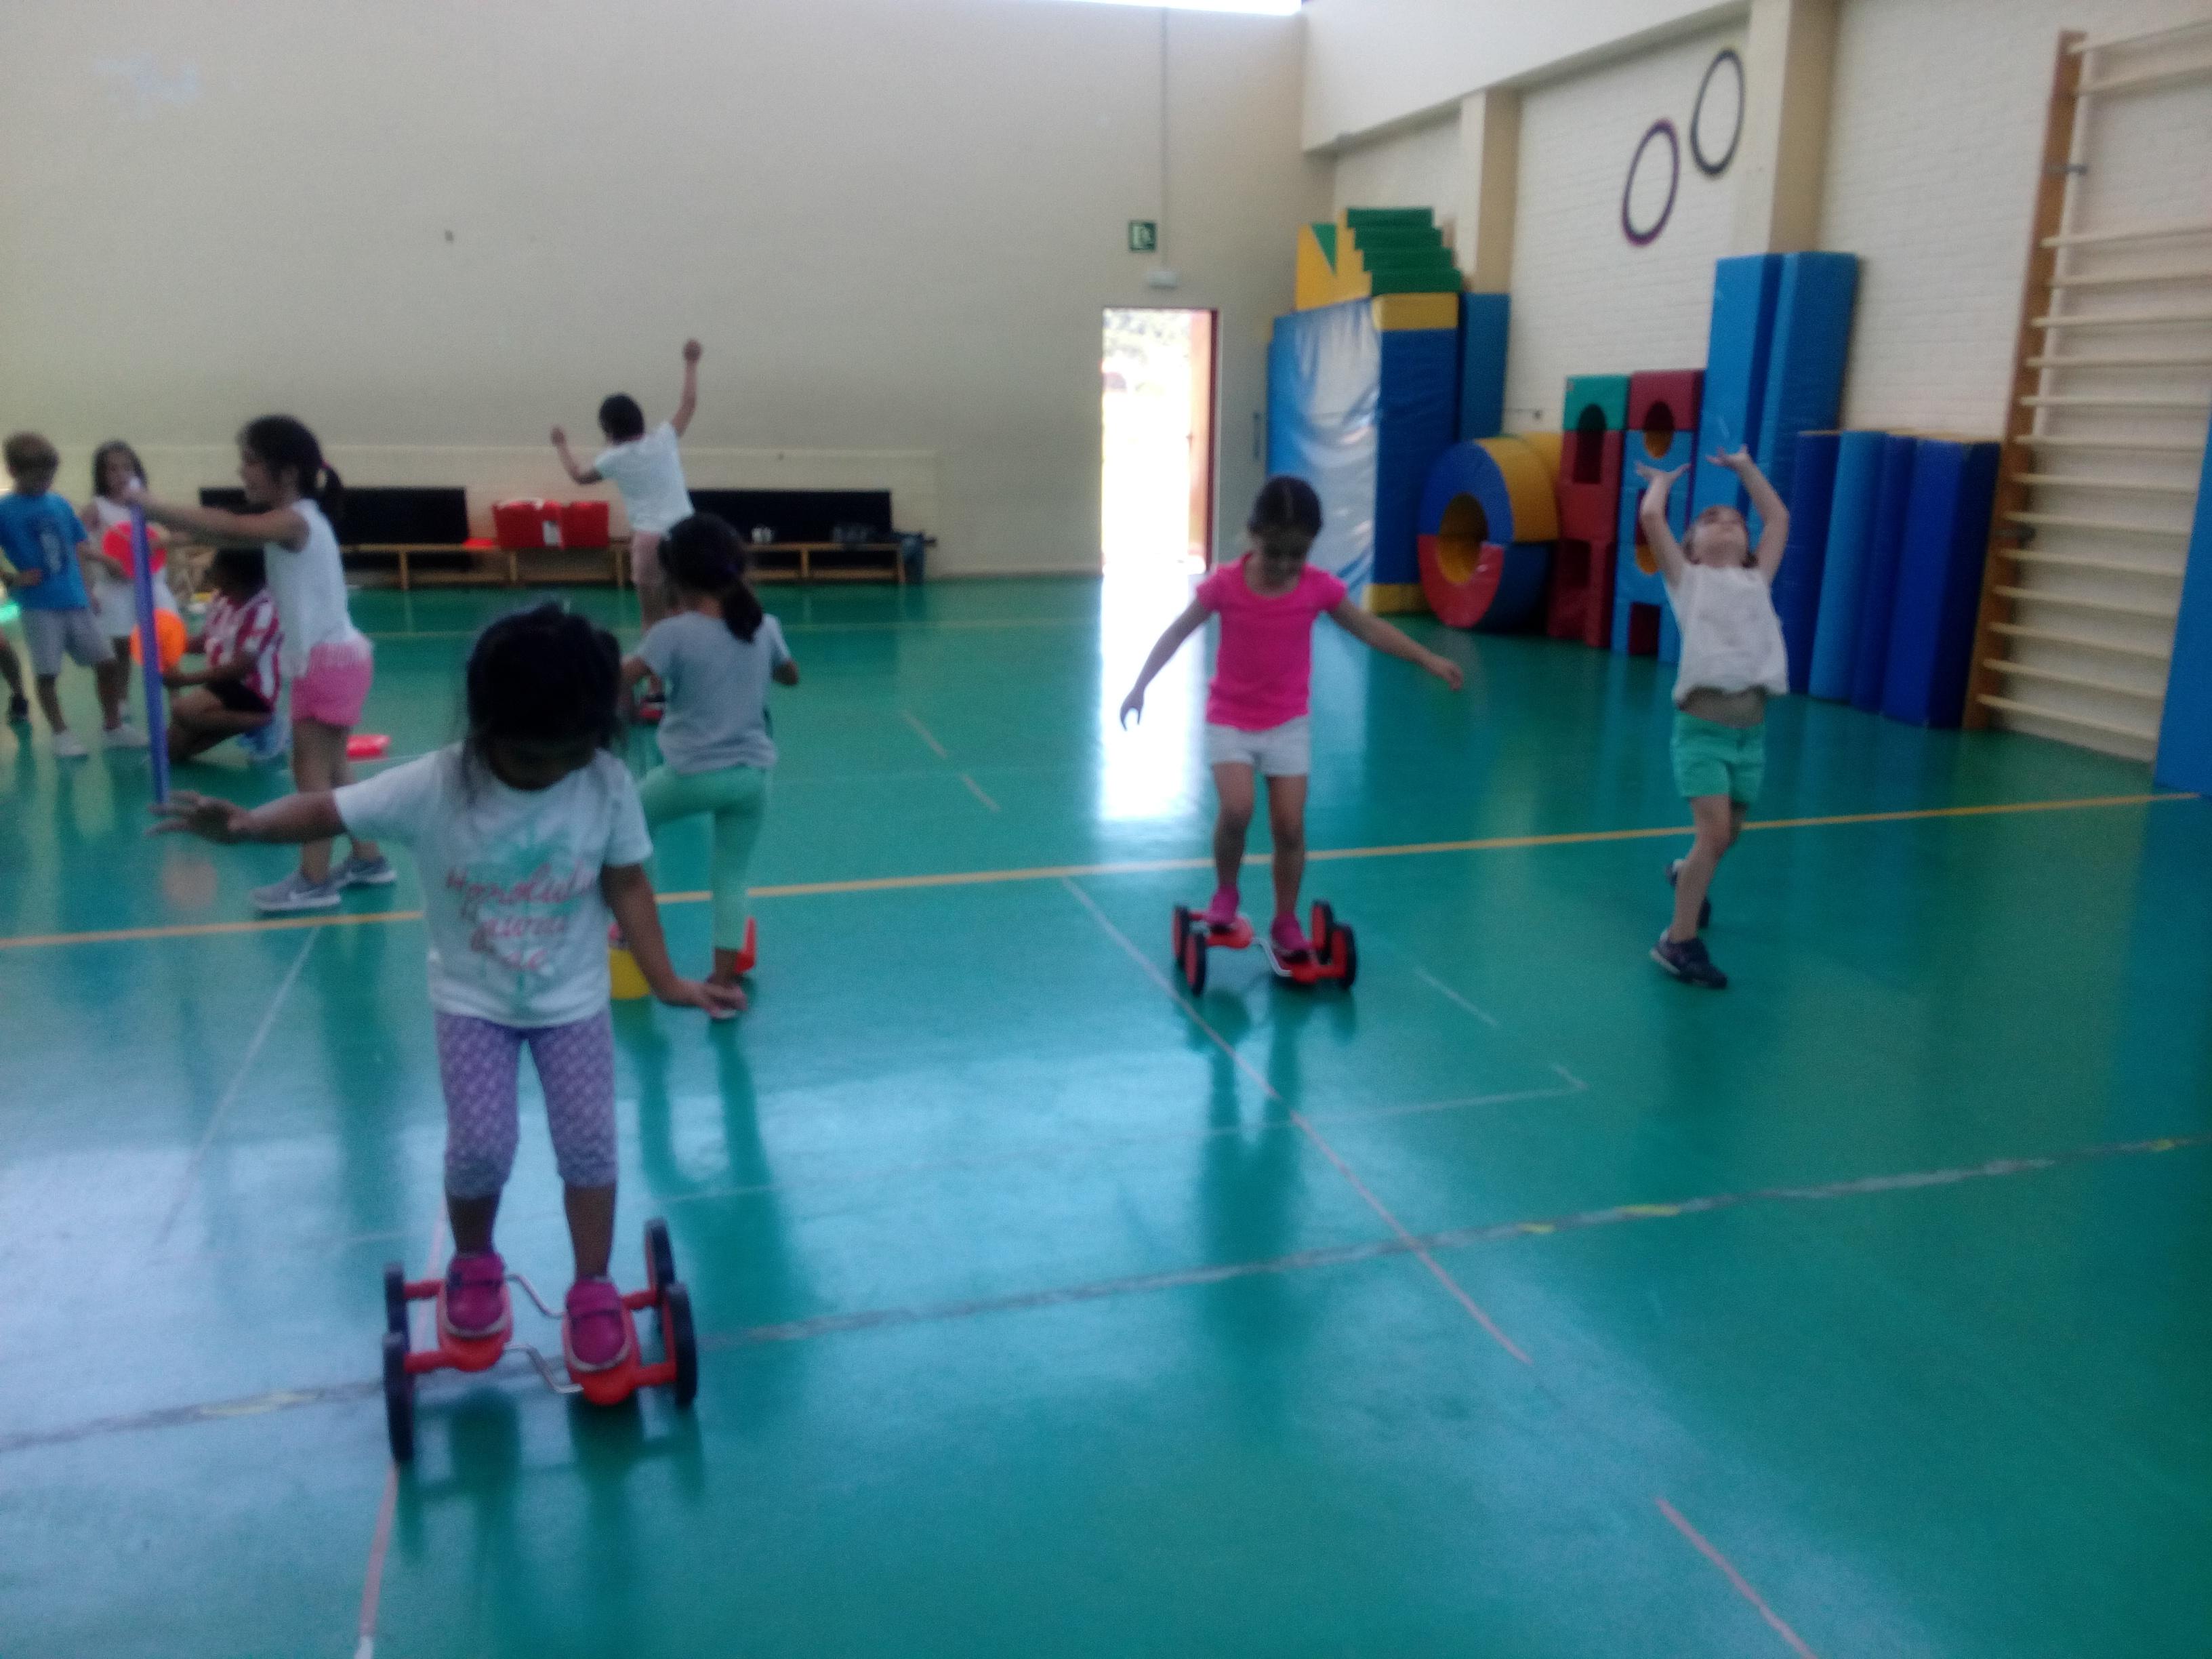 Zirkun Zirkoren tailerrak Plentziako eskolako udalekuen barne!!talleres de circo en los campamentos de la escuela de Plencia